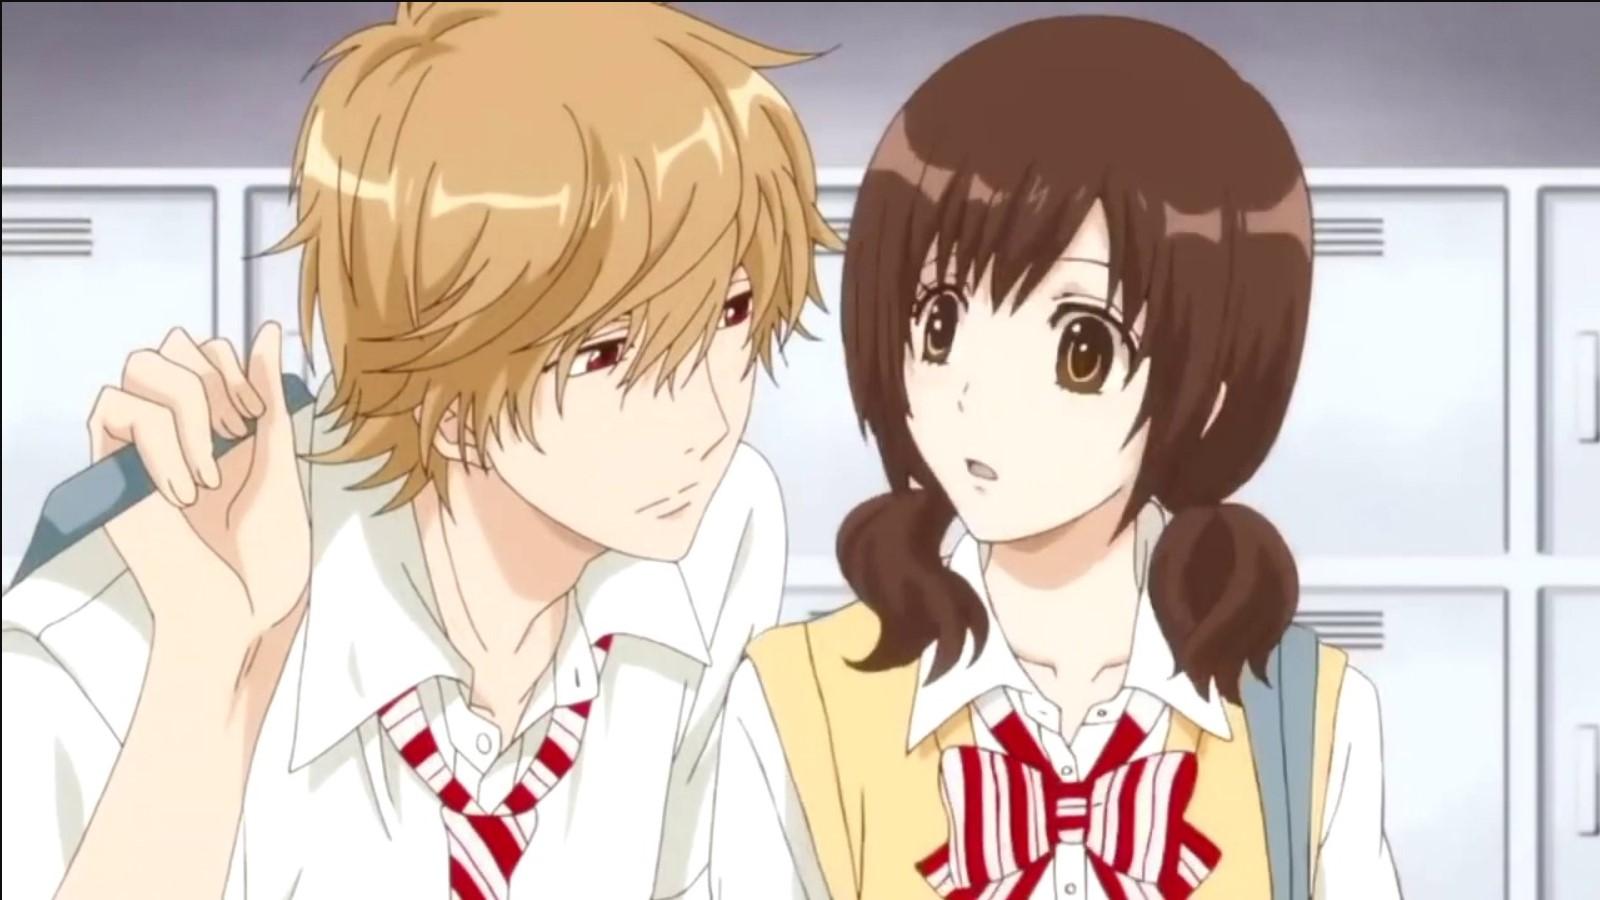 Wold Girl and Black prince- Anime like Horimiya!